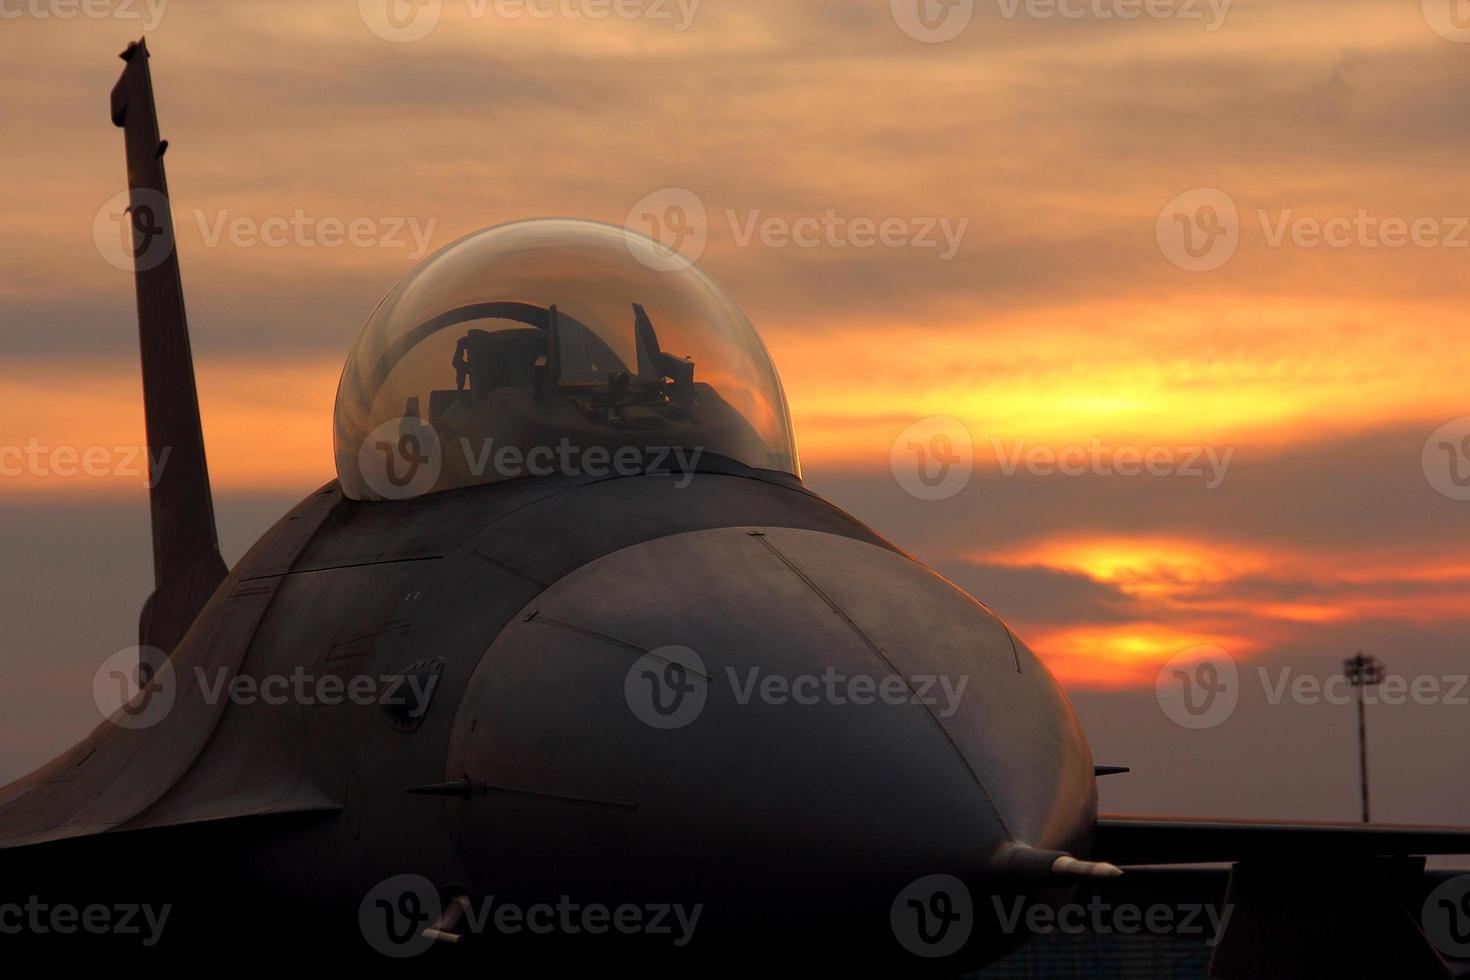 f16 auf Sonnenuntergang Hintergrund foto